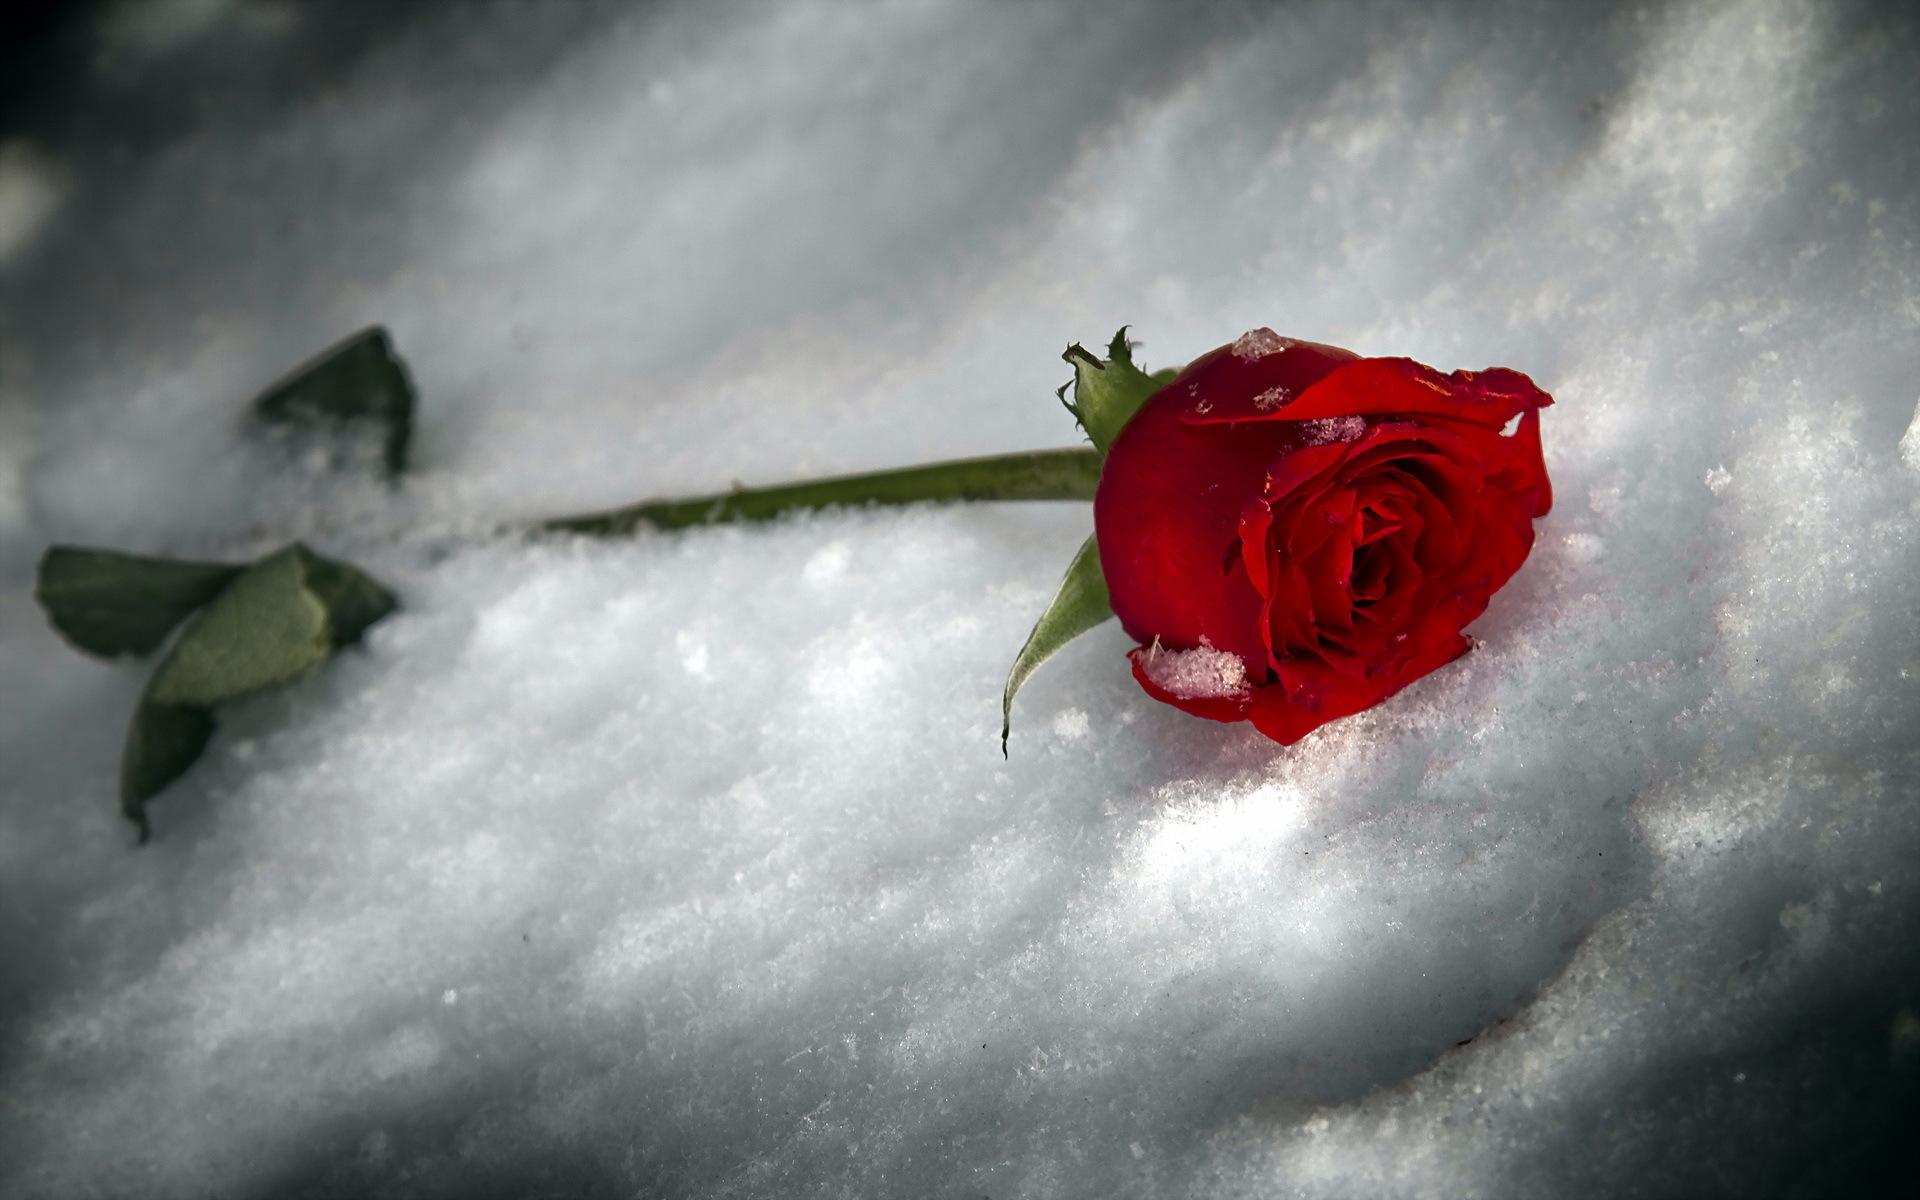 Картинки цветы на снегу красивые, поздравление открытки картинки